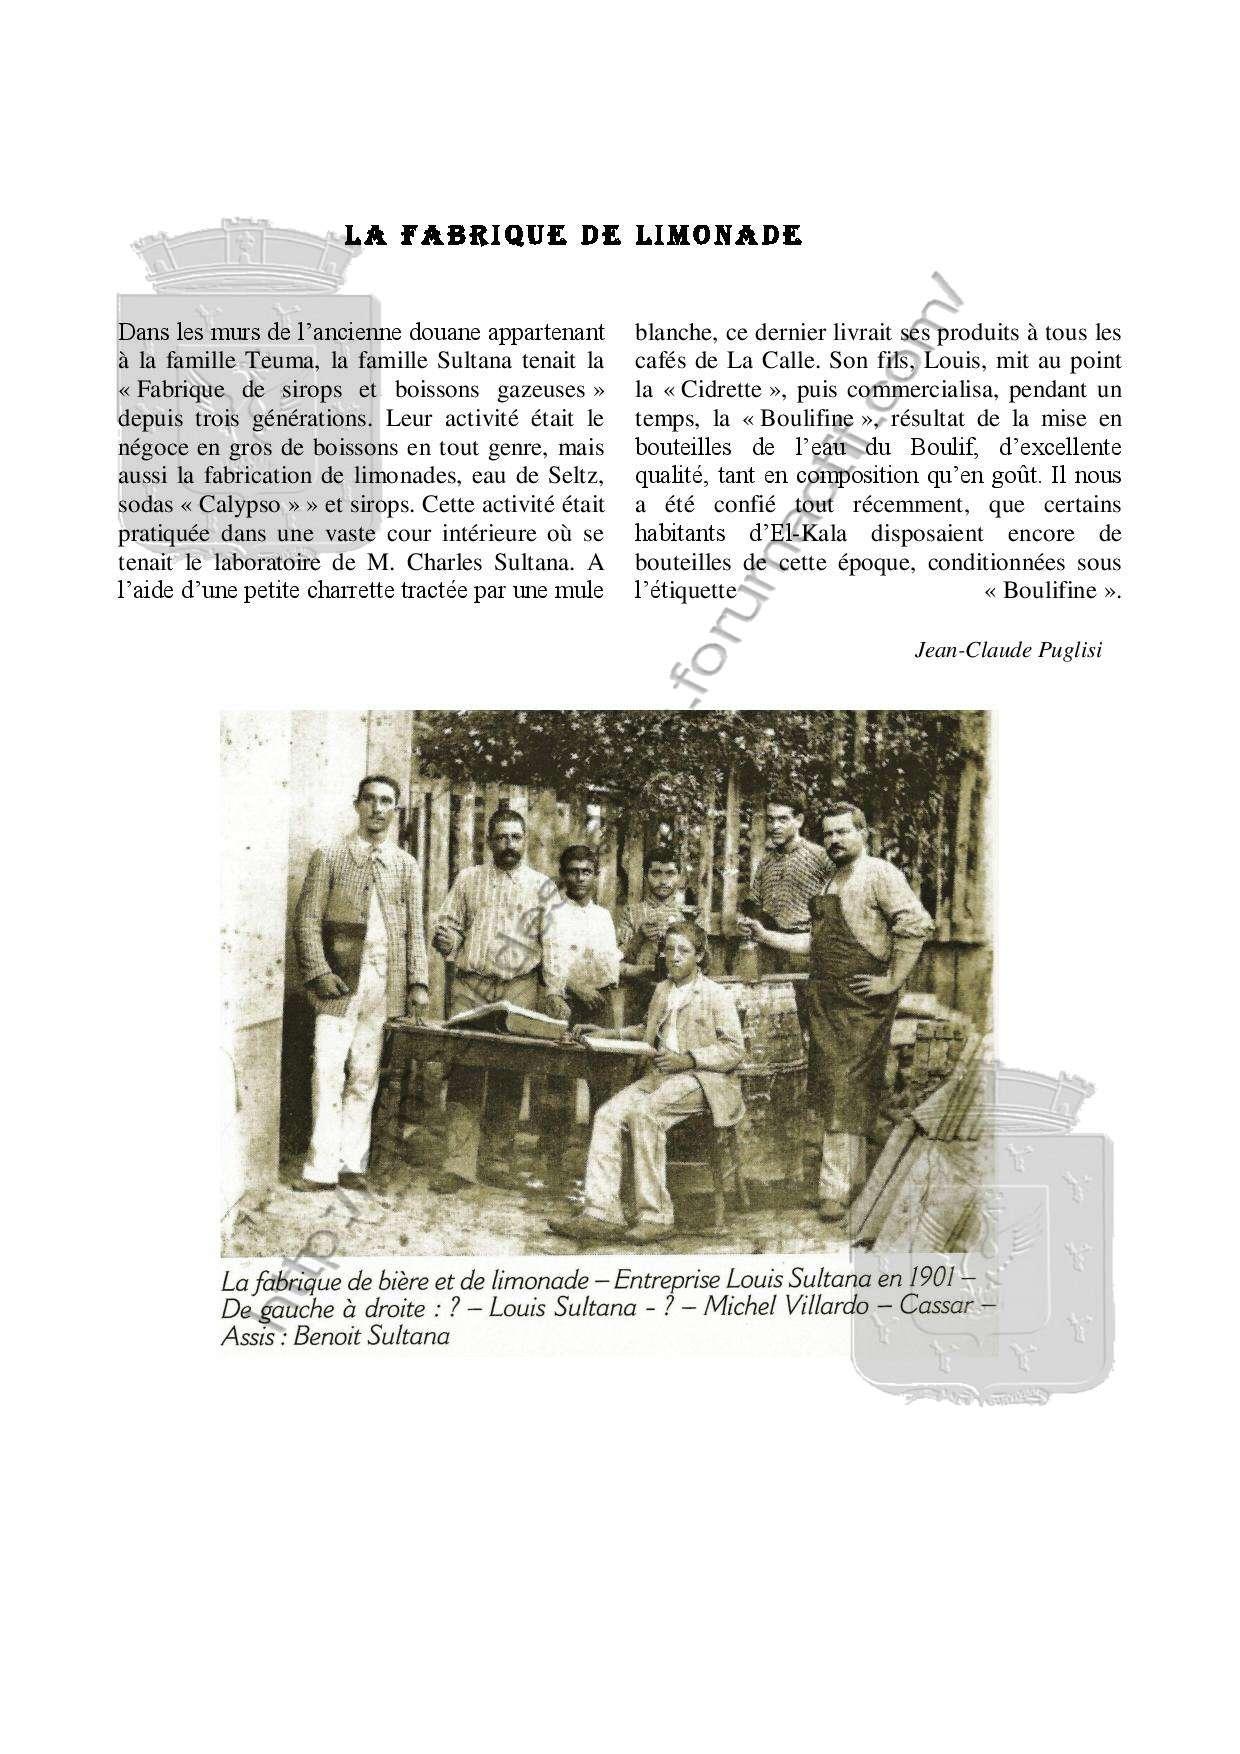 La Fabrique de limonade-Vie économique-Jean Claude PUGLISI -Livre- Livre-13